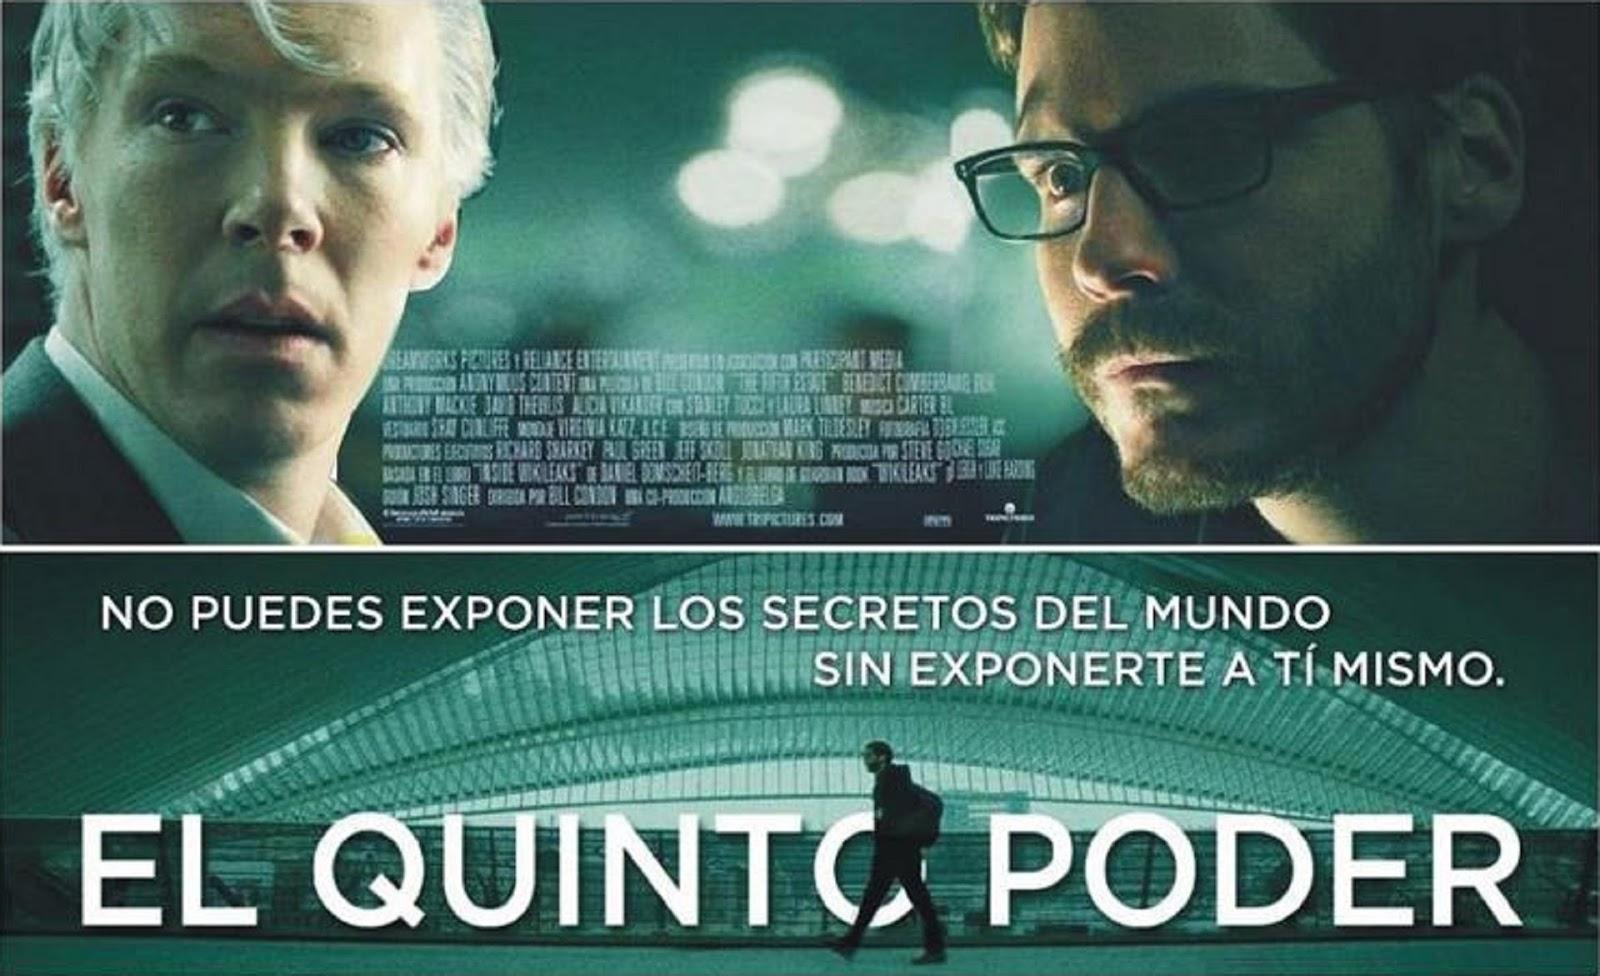 El Quinto Poder Poster Película Español